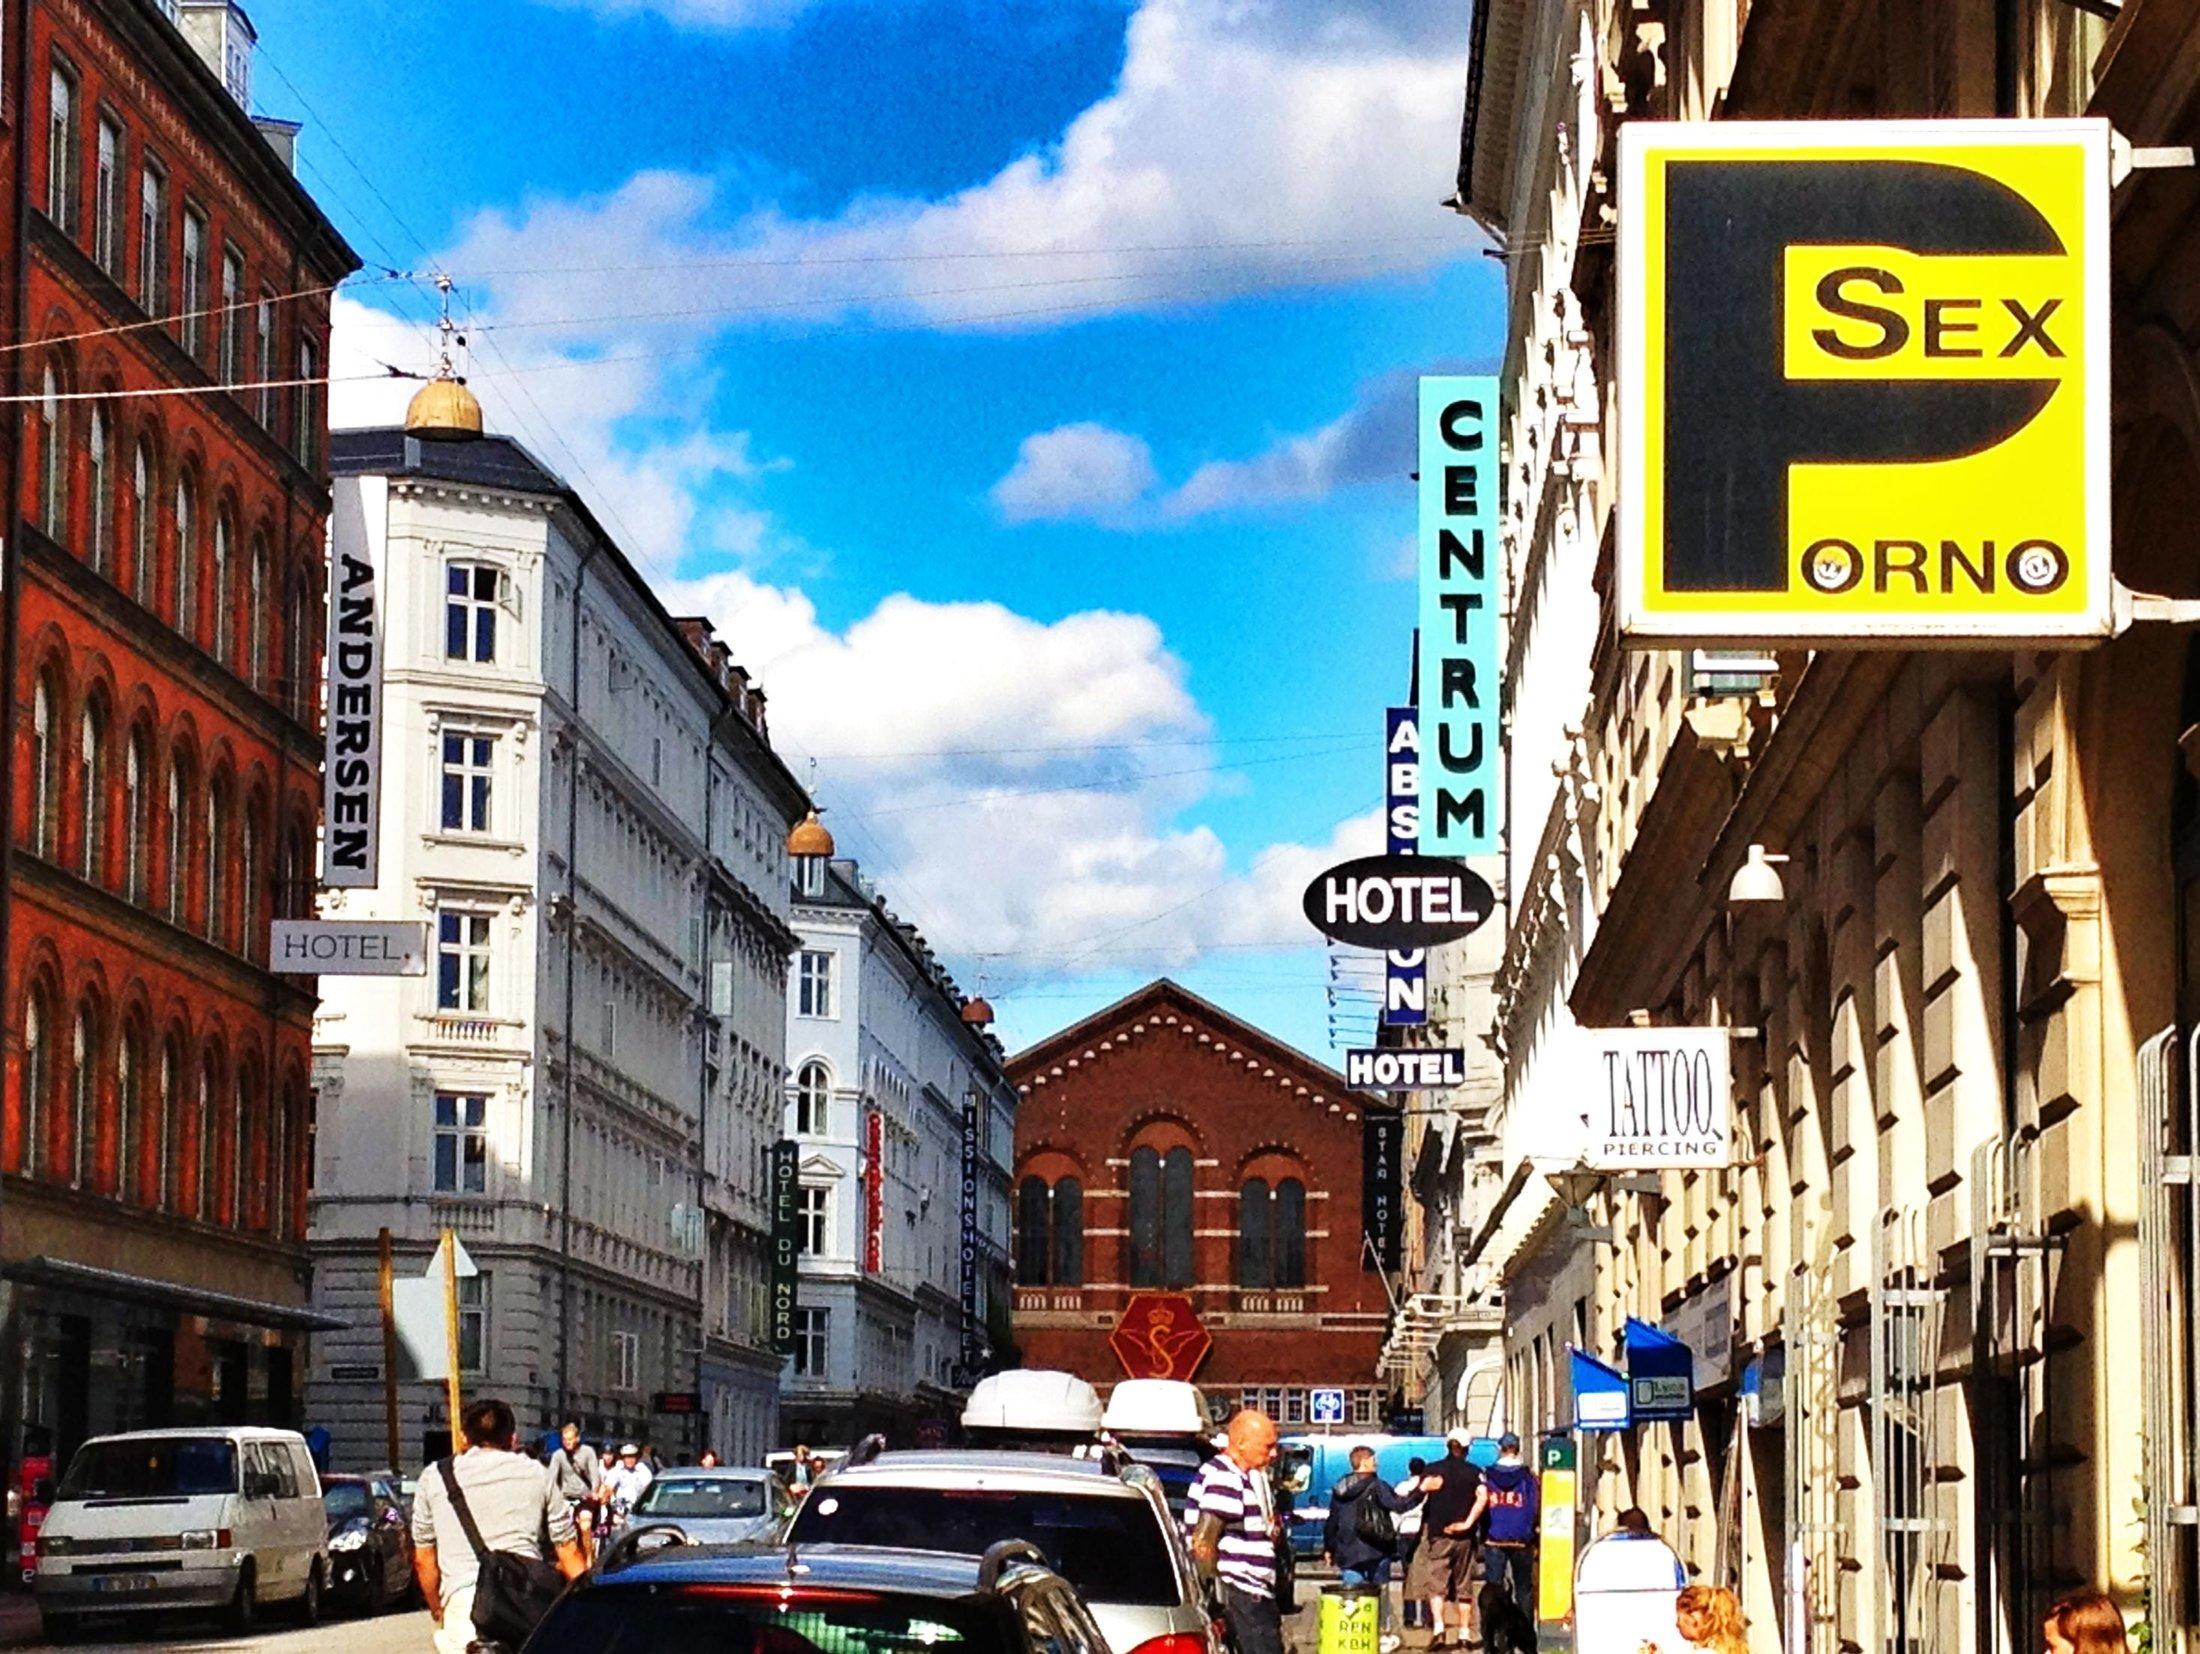 Husband Copenhagen Shops Lust Sex Bentley